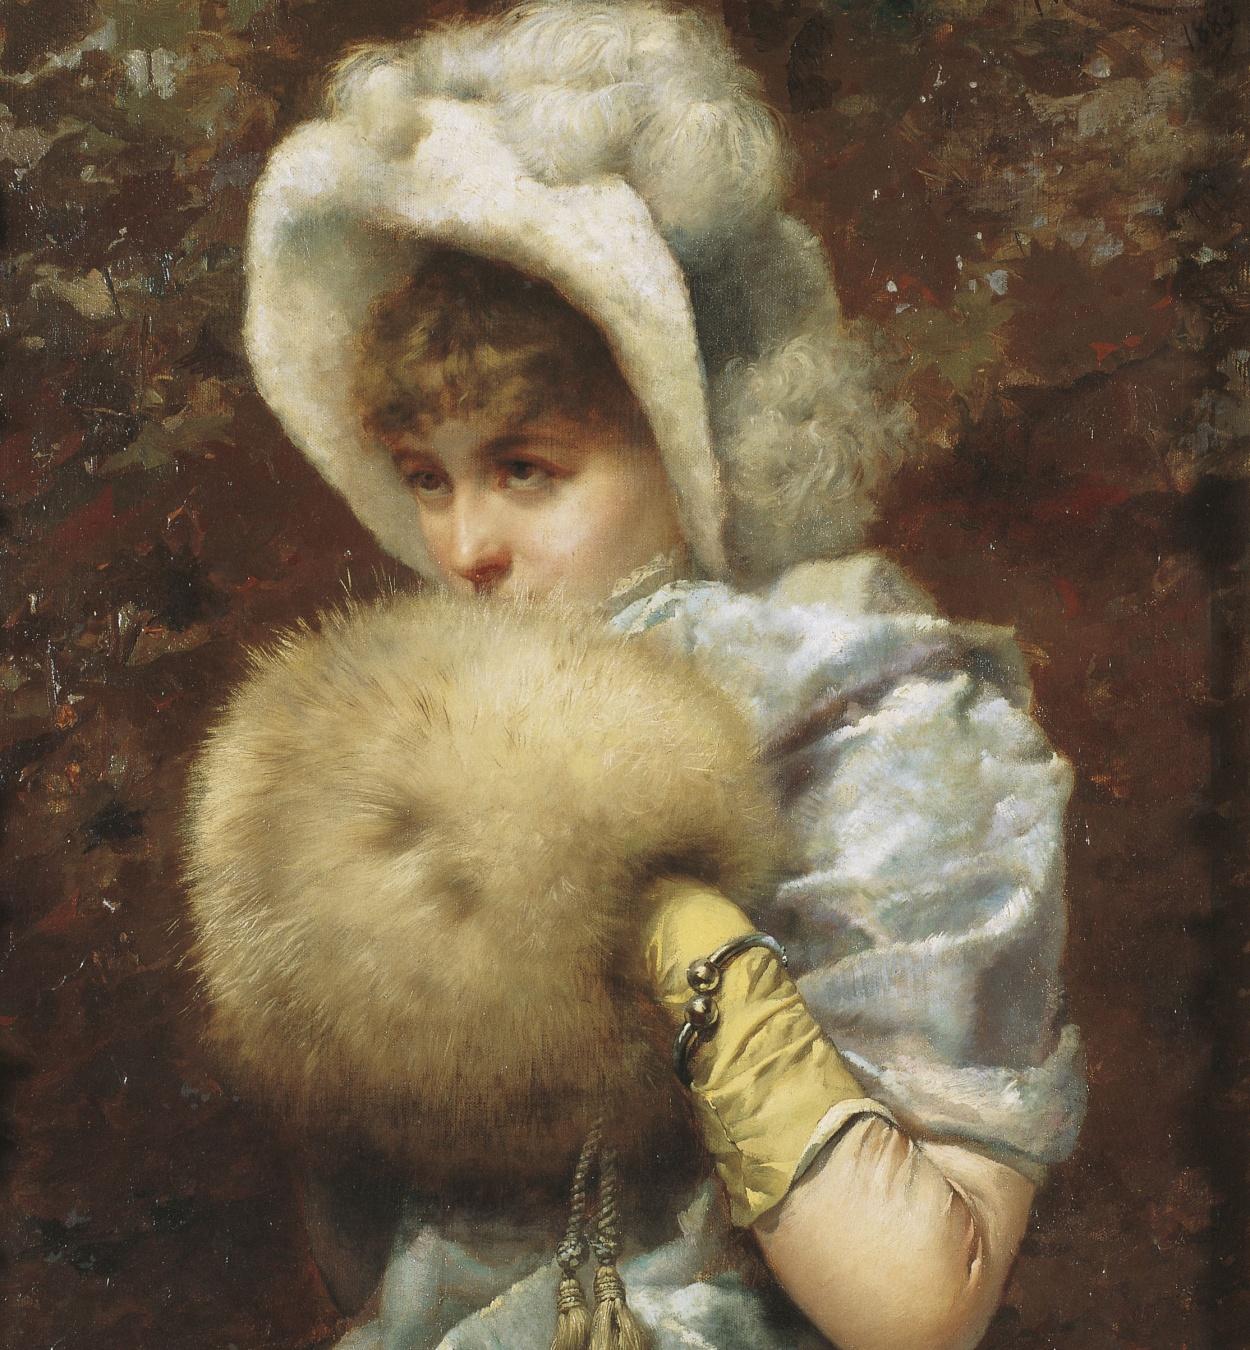 Francesc Masriera - Hivern de 1882 - 1882